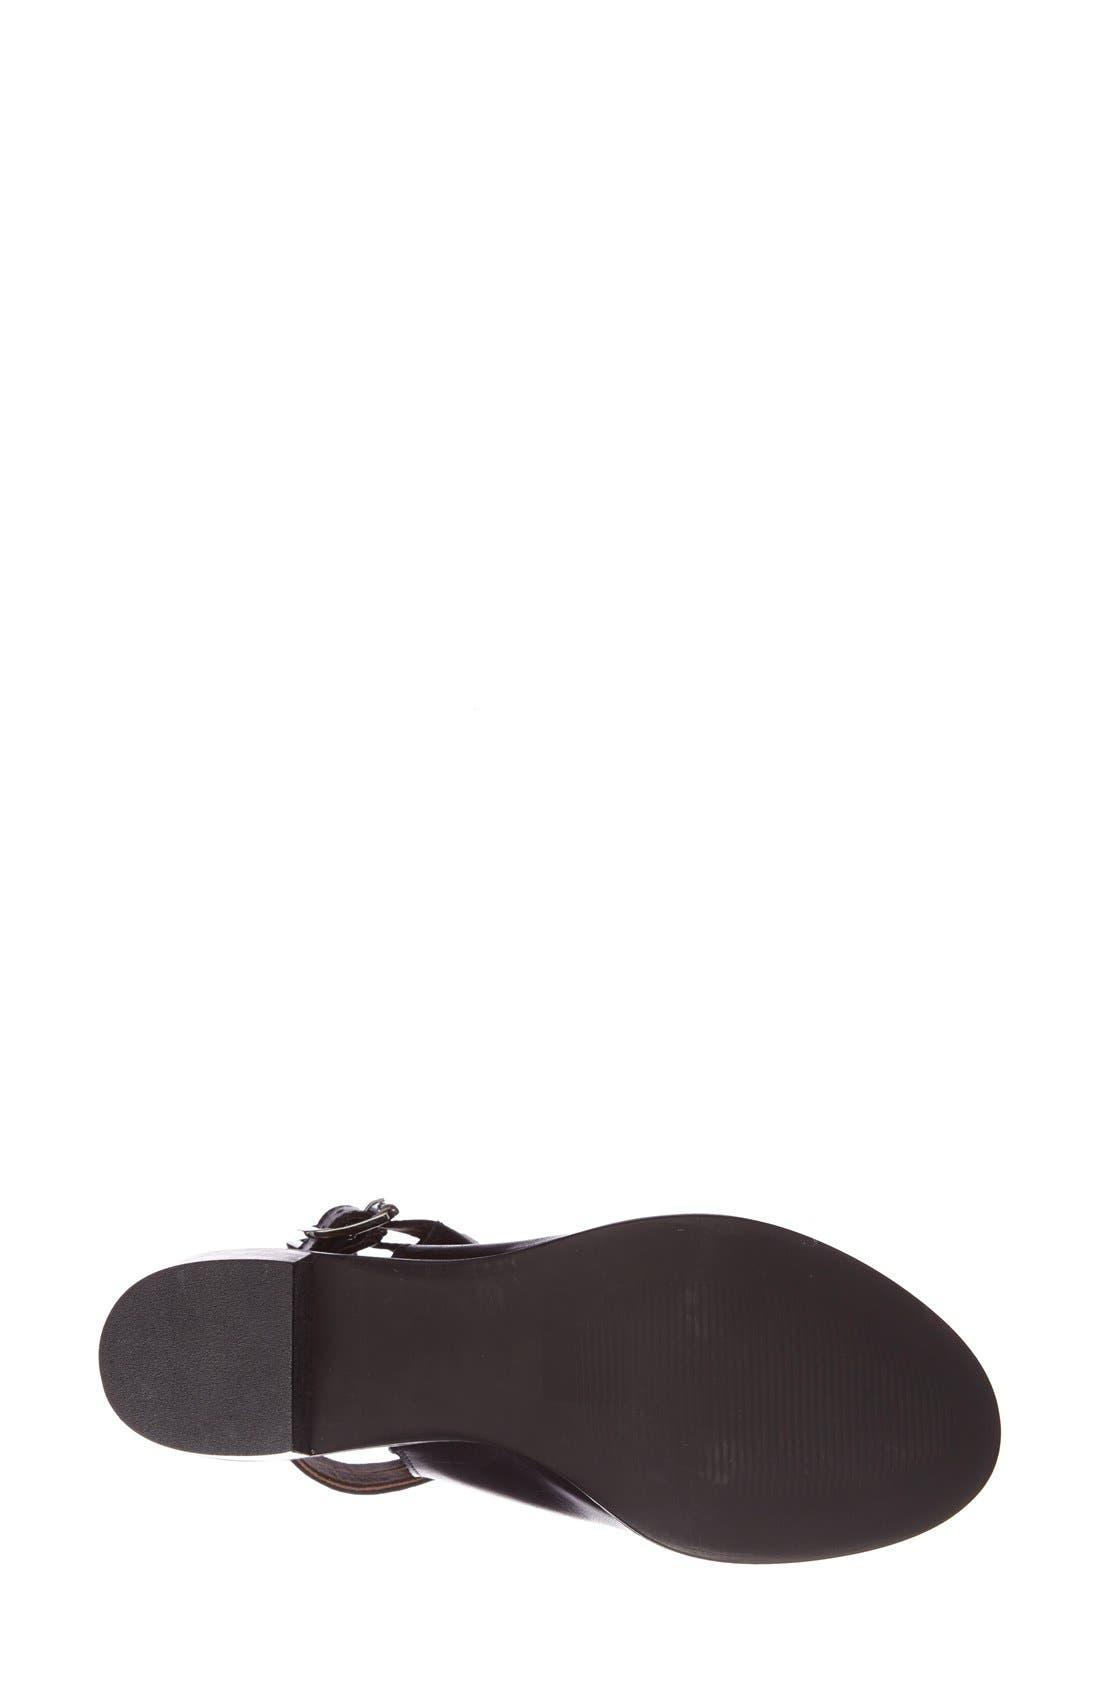 'Jolie' Bootie Sandal,                             Alternate thumbnail 4, color,                             Black